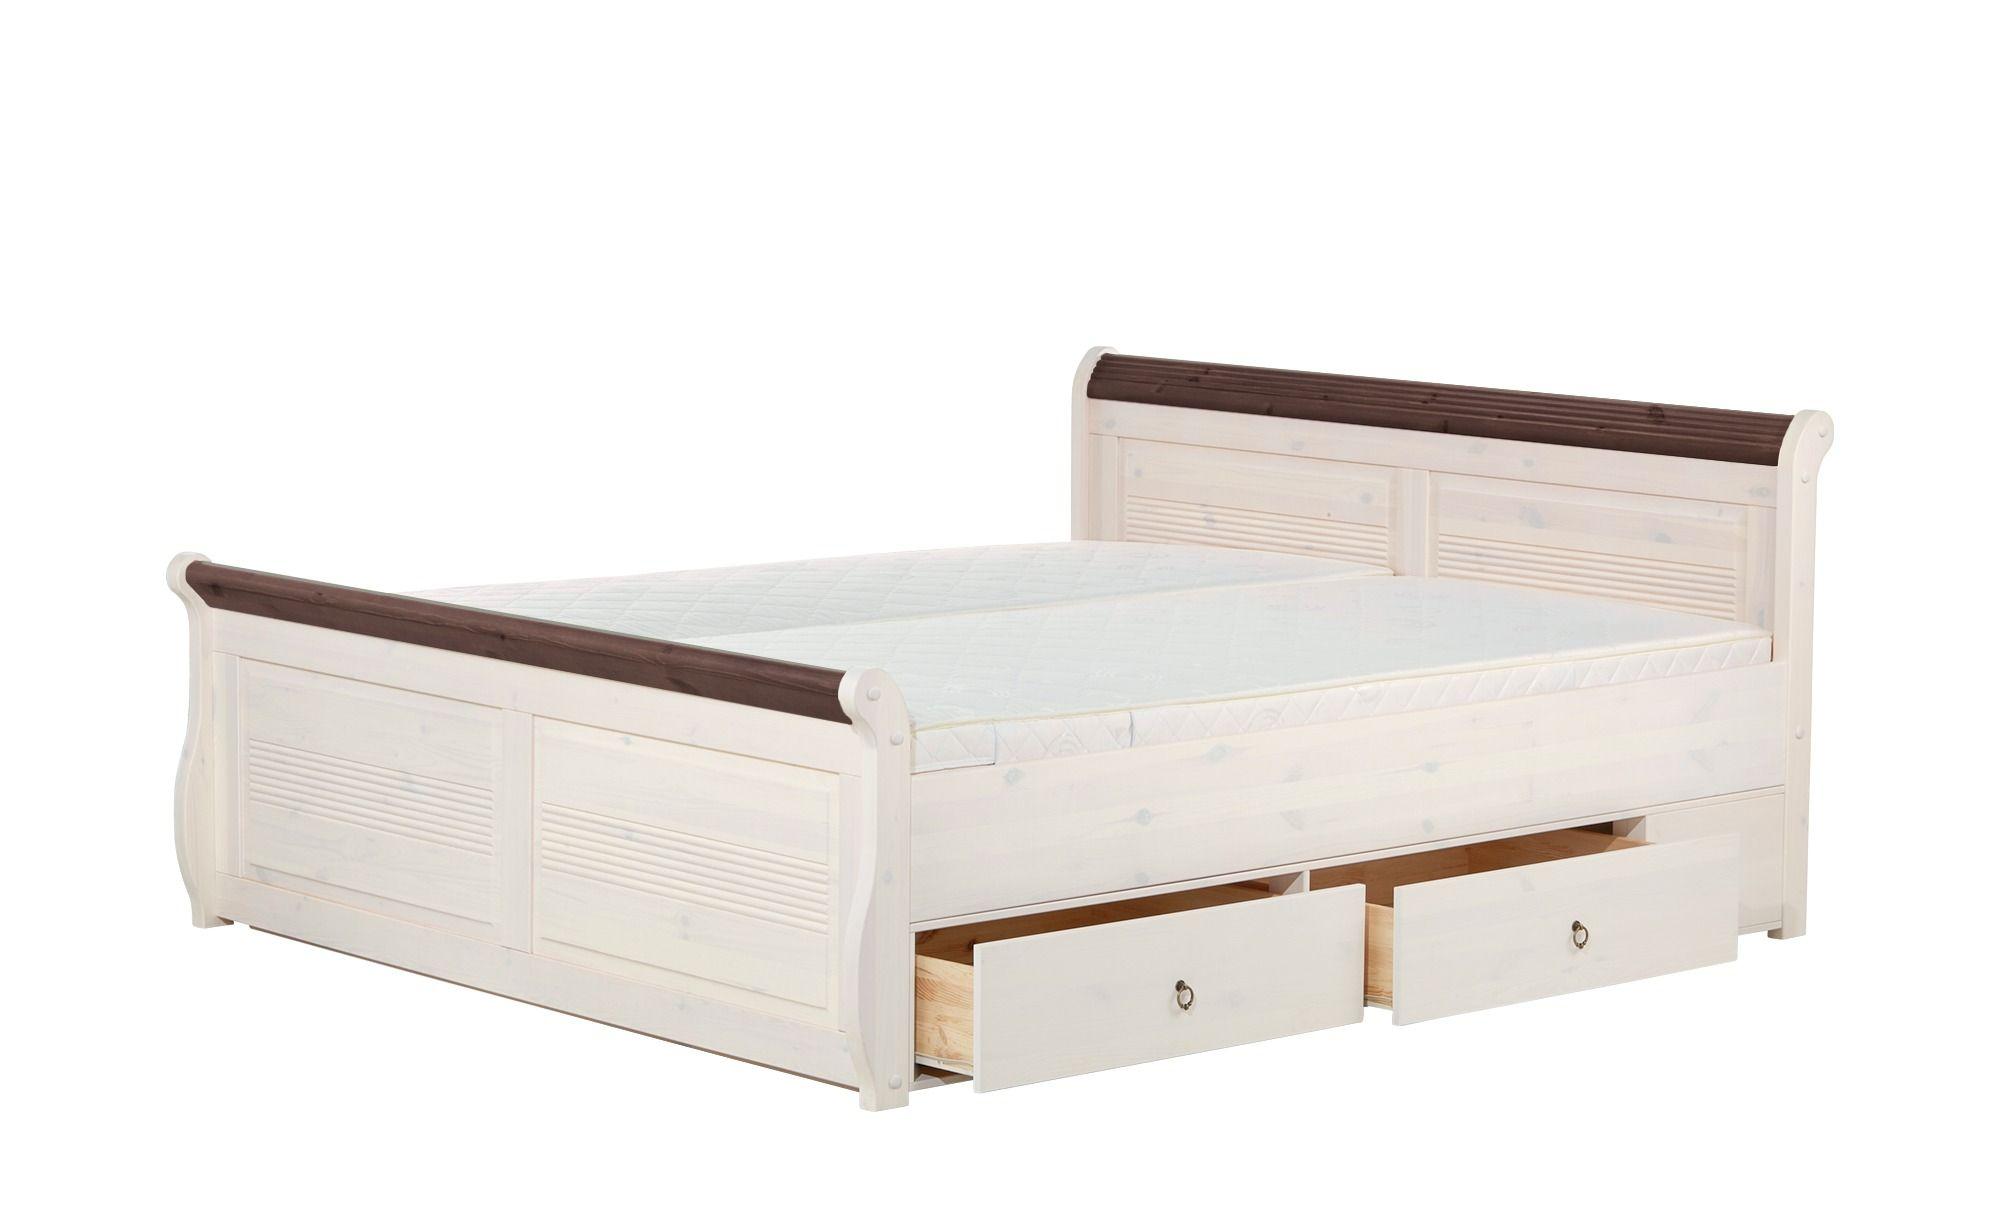 Full Size of Futonbett 100x200 Bettgestell Wei Kiefer Landhaus Stil Bornholm Bett Weiß Betten Wohnzimmer Futonbett 100x200